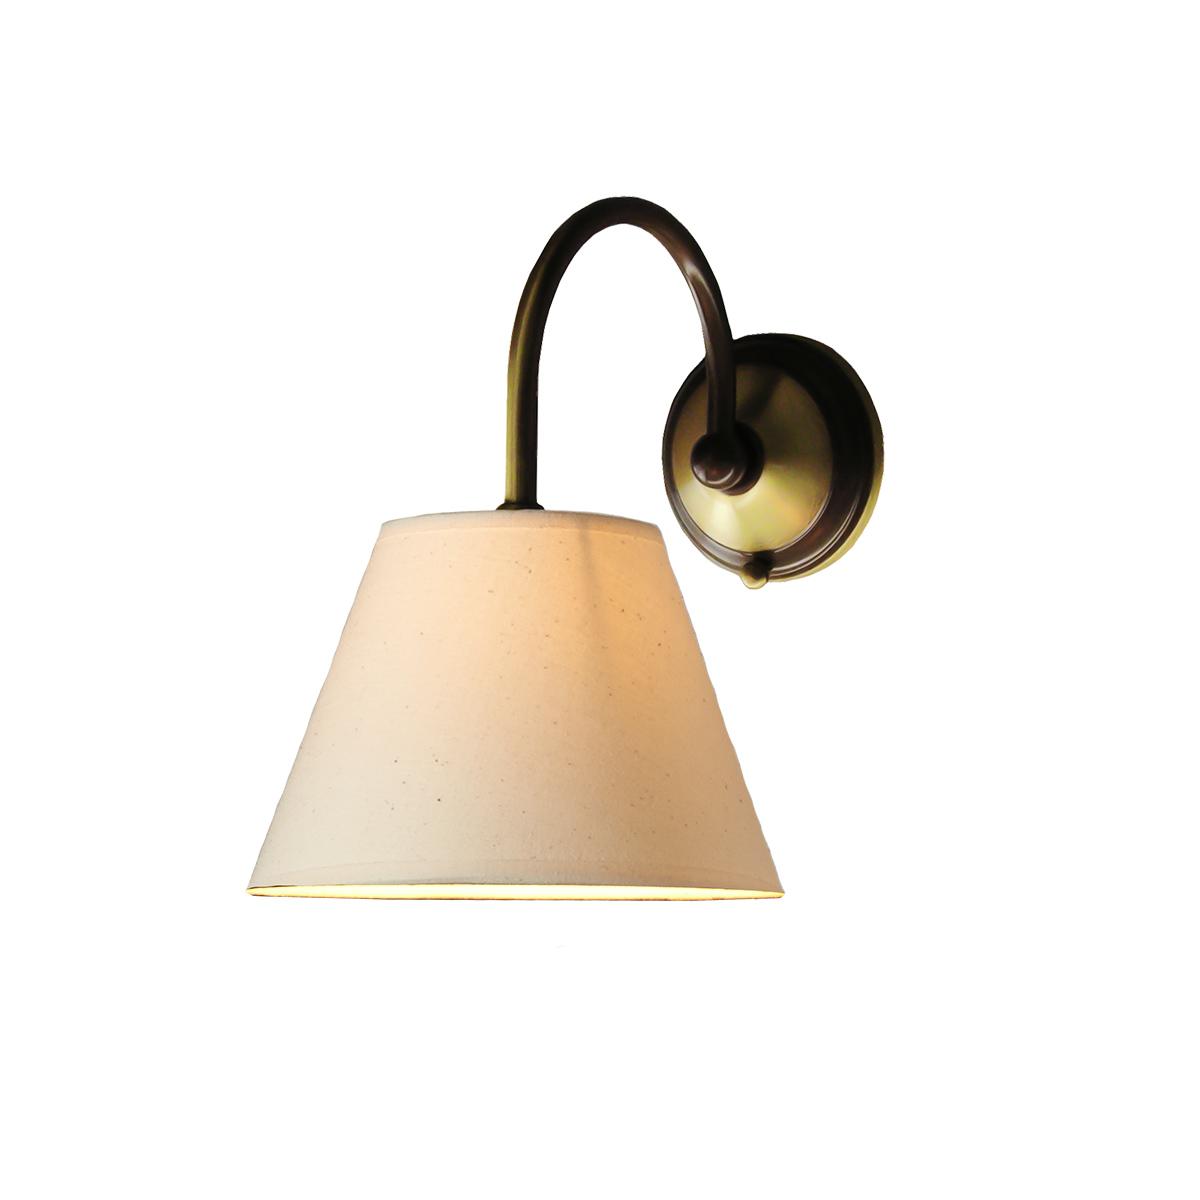 Κλασική απλίκα με καπέλο ΝΑΞΟΣ-1 classic wall lamp with lamp shade